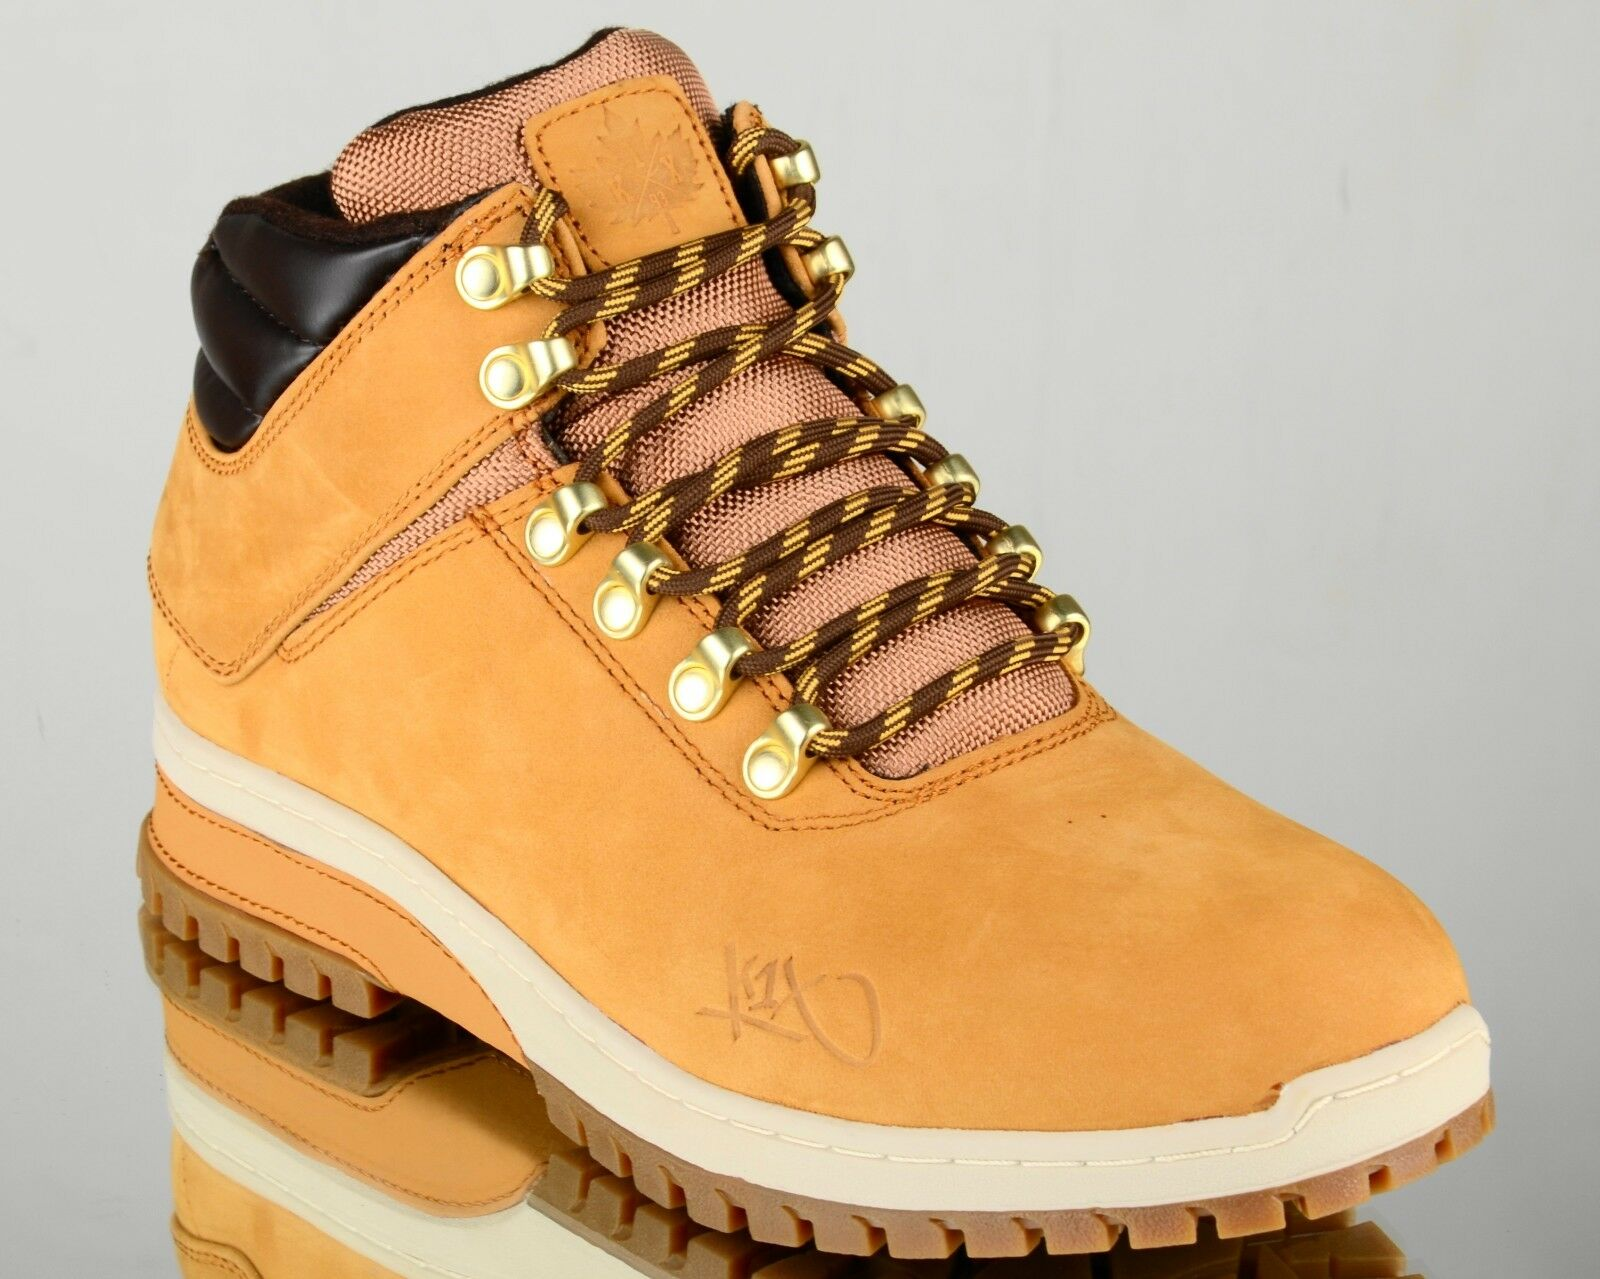 K1x h1ke pensar territorio mk3 cuero caballero zapatillas zapatillas caballero de invierno 1000 gerstenmuster b2f2ed